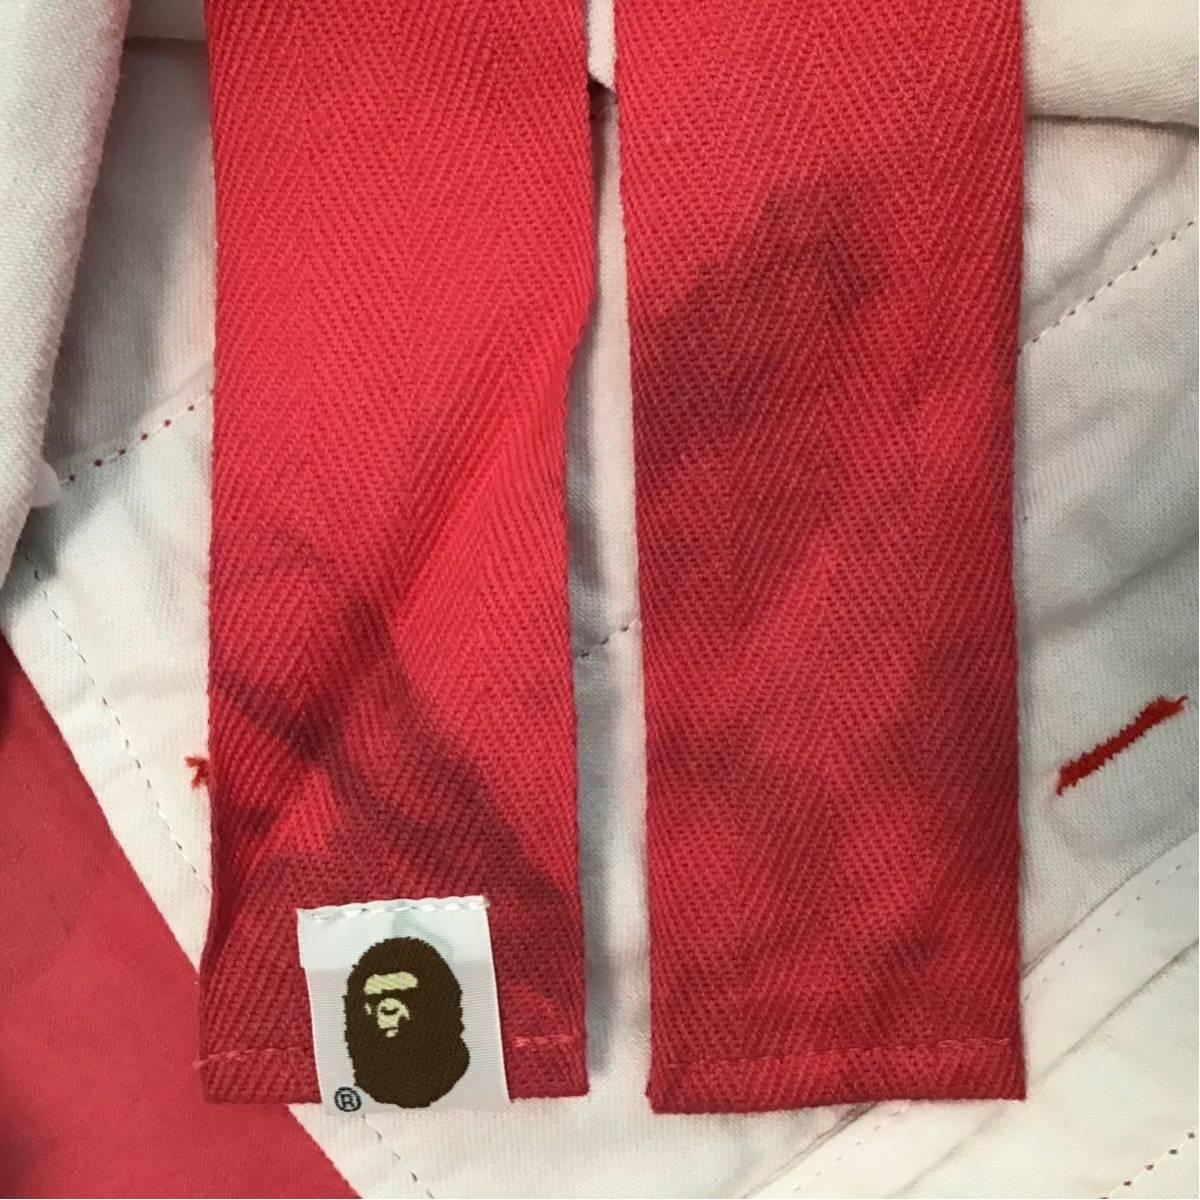 pharrell camo カーゴ ハーフパンツ Lサイズ a bathing ape BAPE shorts エイプ ベイプ アベイシングエイプ red camo 迷彩 7dt